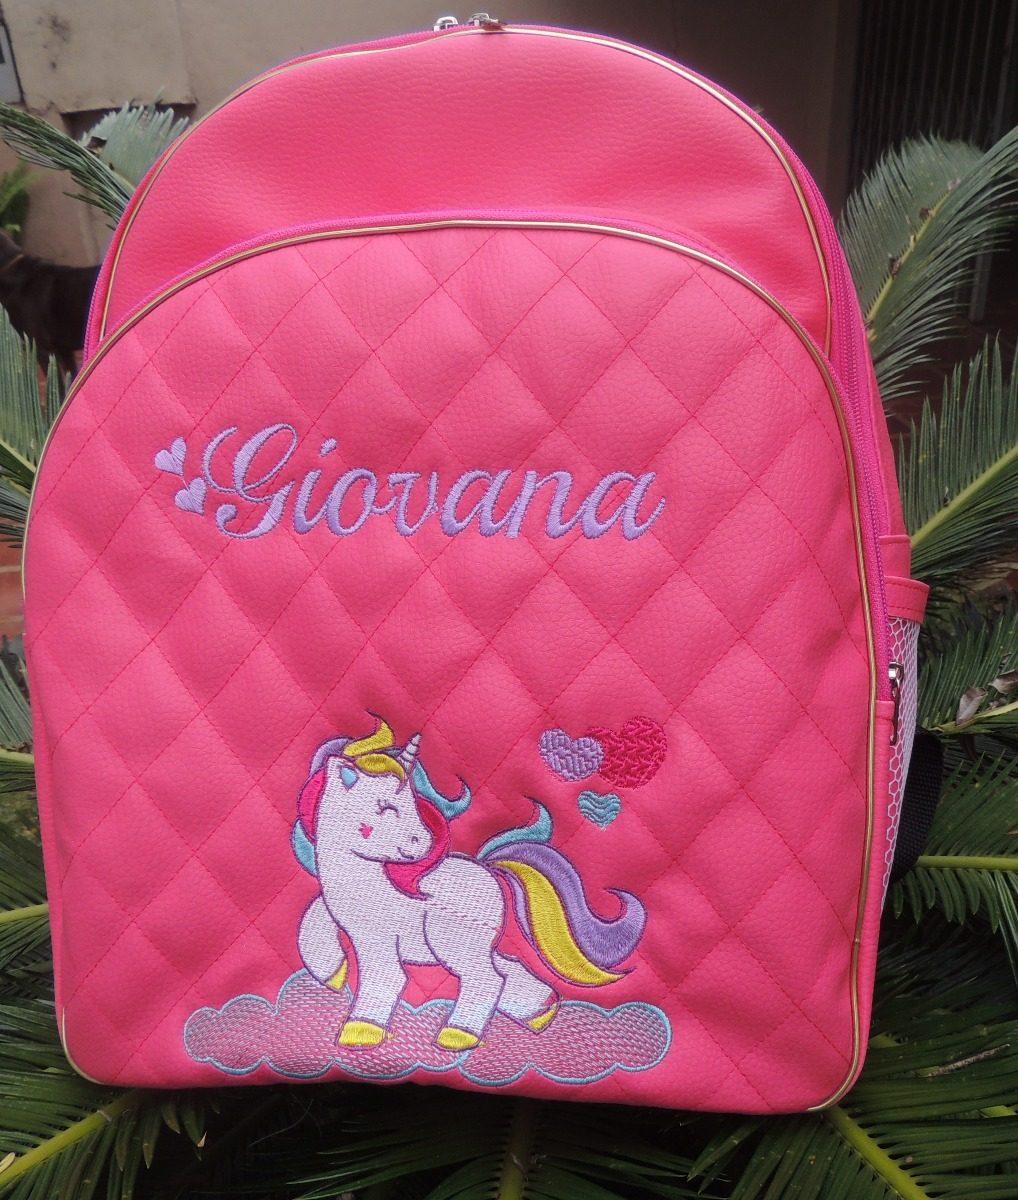 e8501ed2f Kit Mochila +estojo Escolar Personalizados - R$ 155,00 em Mercado Livre